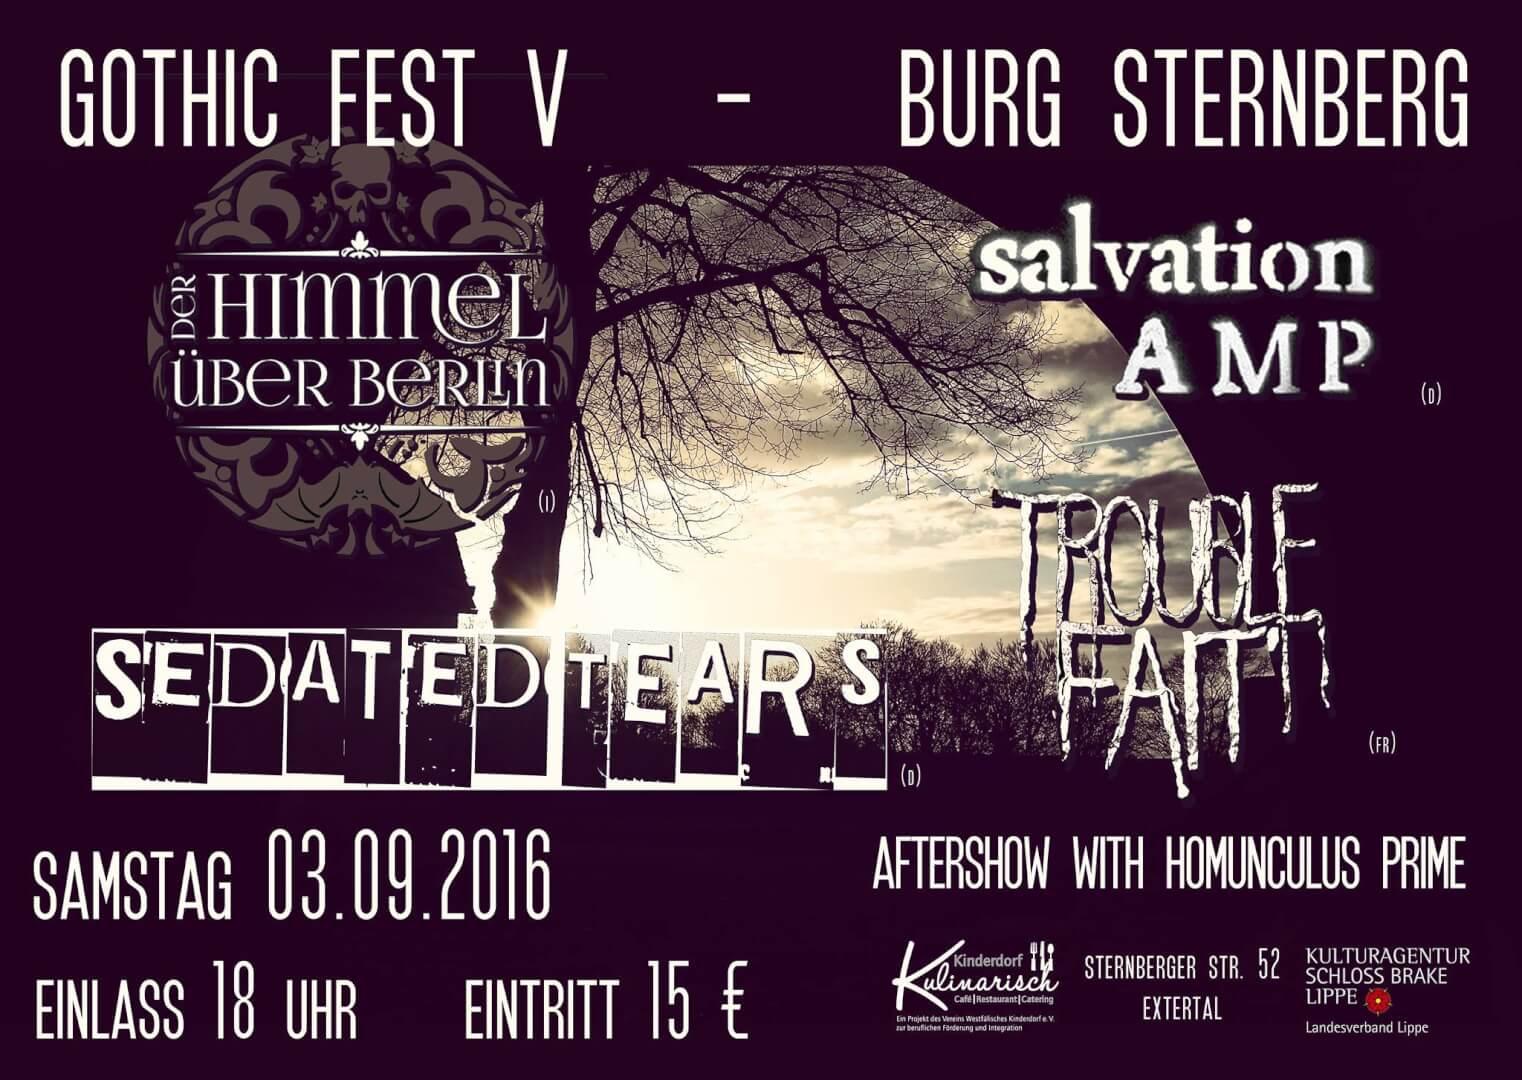 Gothic Fest V - Burg Sternberg